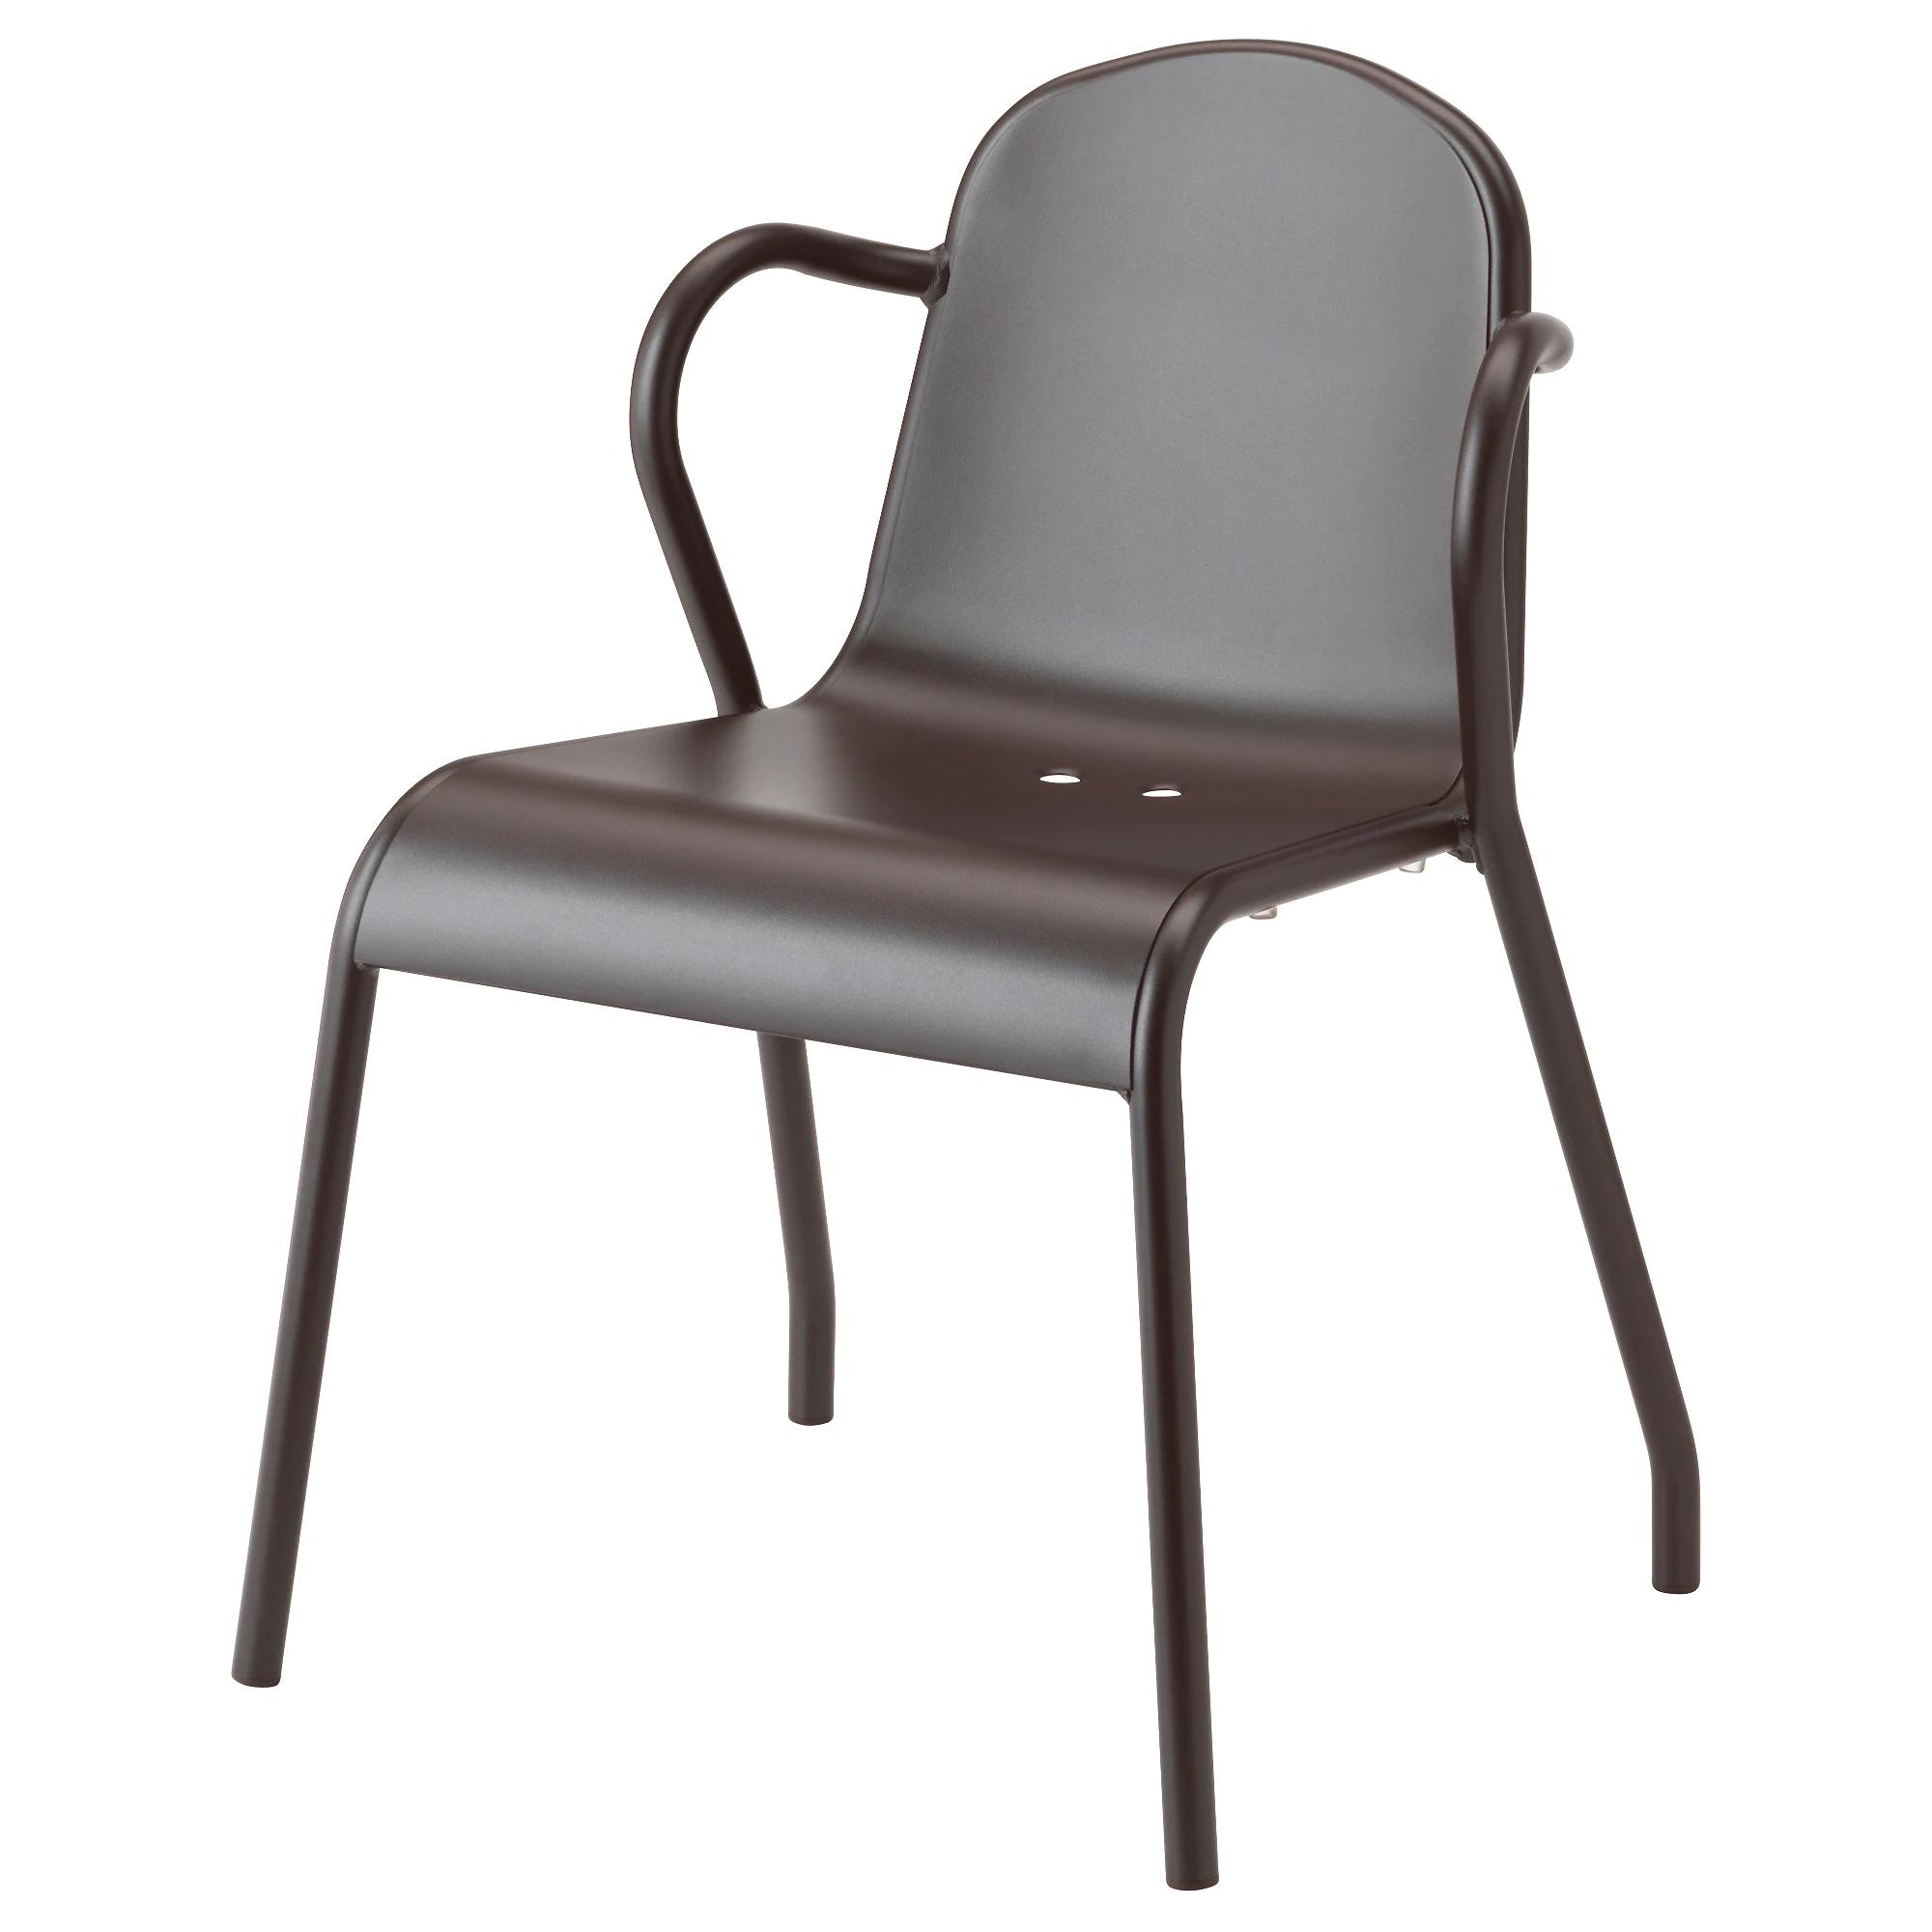 [Lokal?] Ikea Tunholmen Stuhl für außen